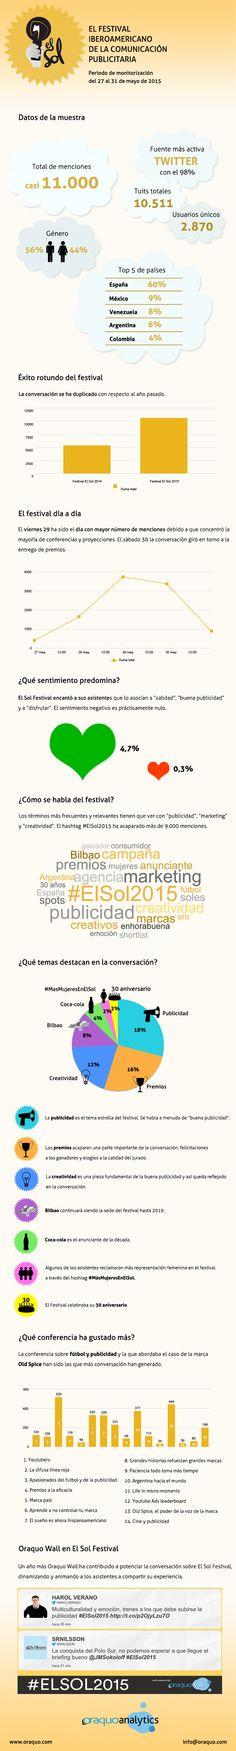 ¿De qué se habló en El Sol Festival?